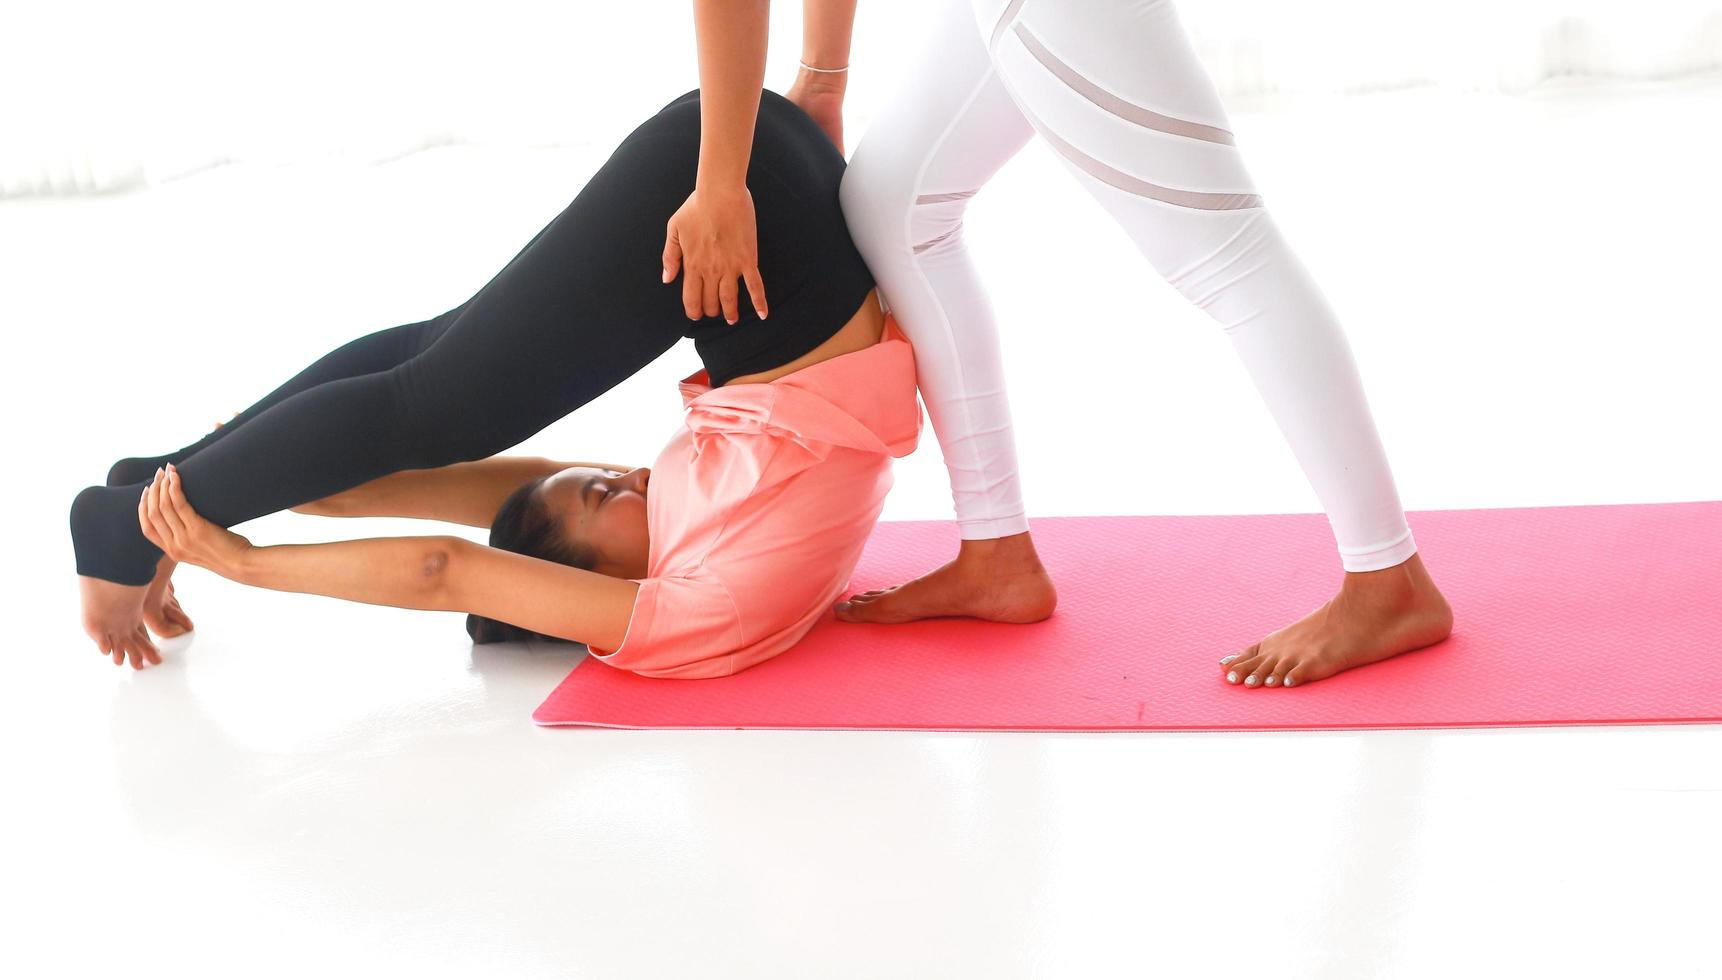 dos mujeres haciendo ejercicio juntas foto